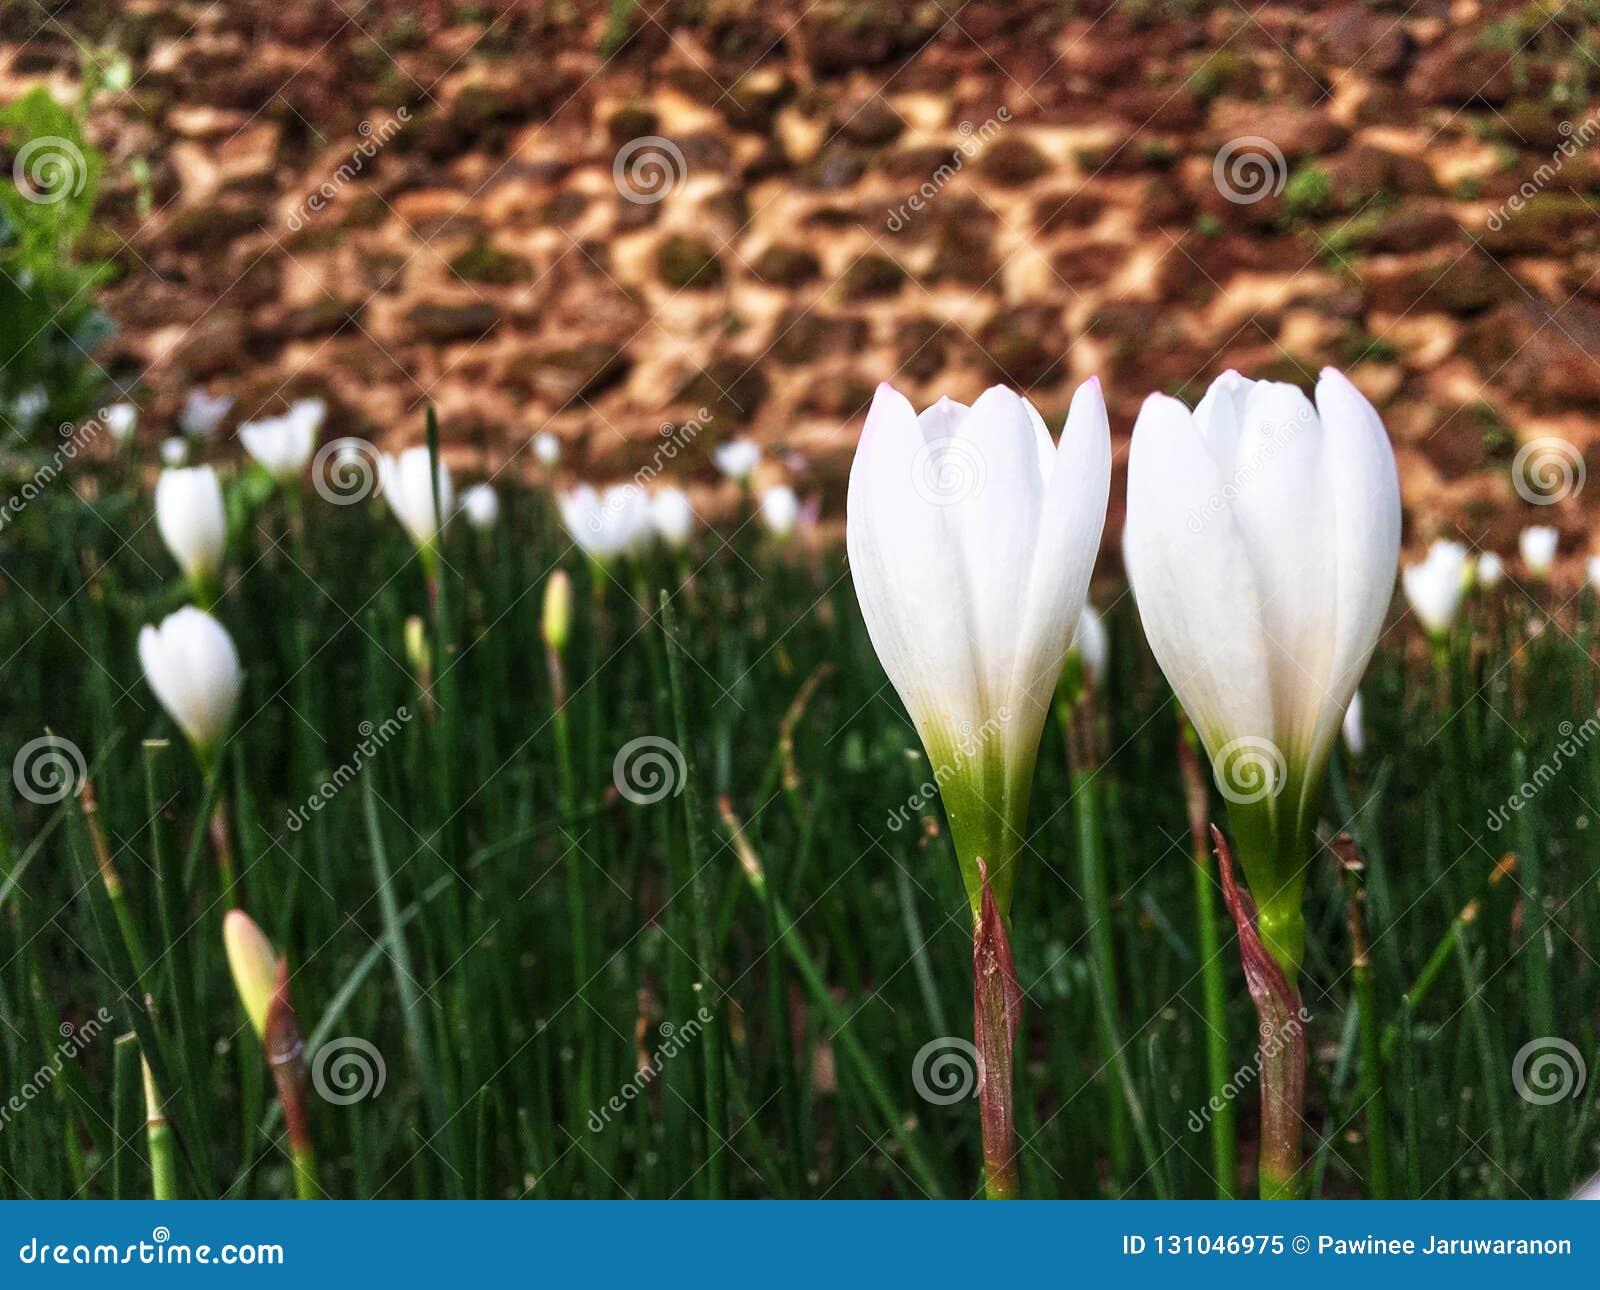 Acople as flores brancas do açafrão que florescem no jardim na estação das chuvas